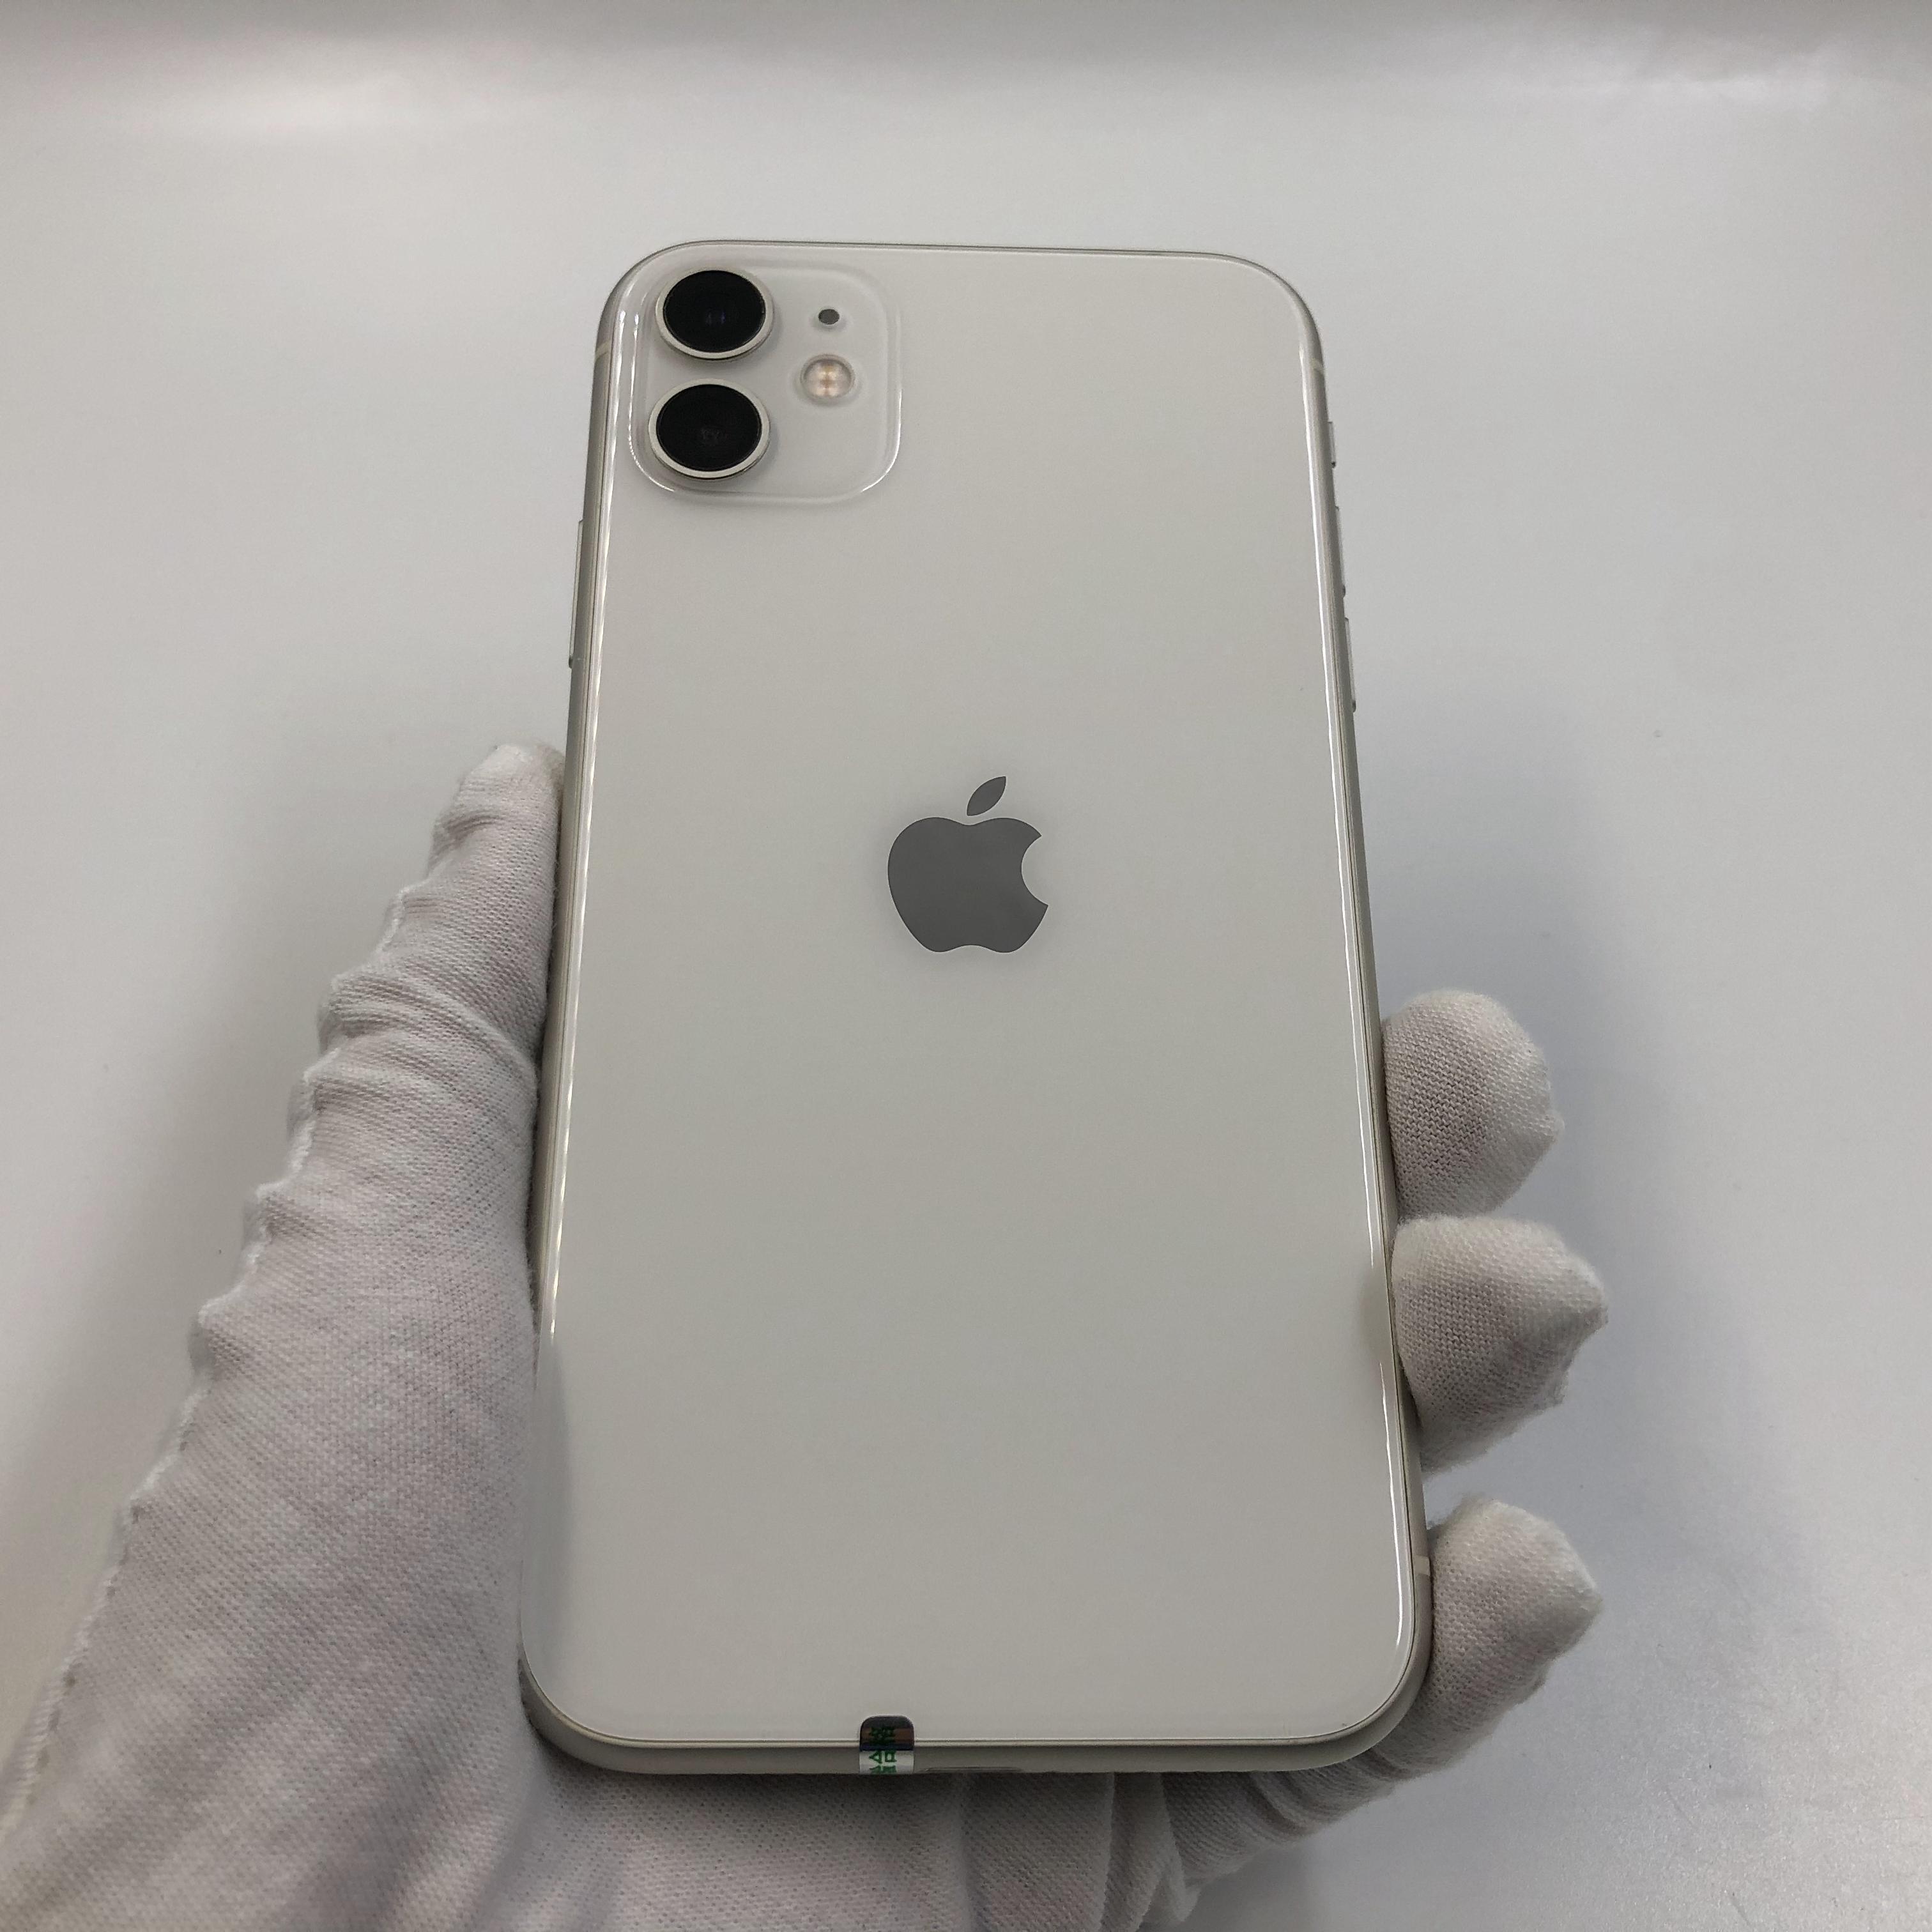 苹果【iPhone 11】4G全网通 白色 64G 国行 7成新 真机实拍